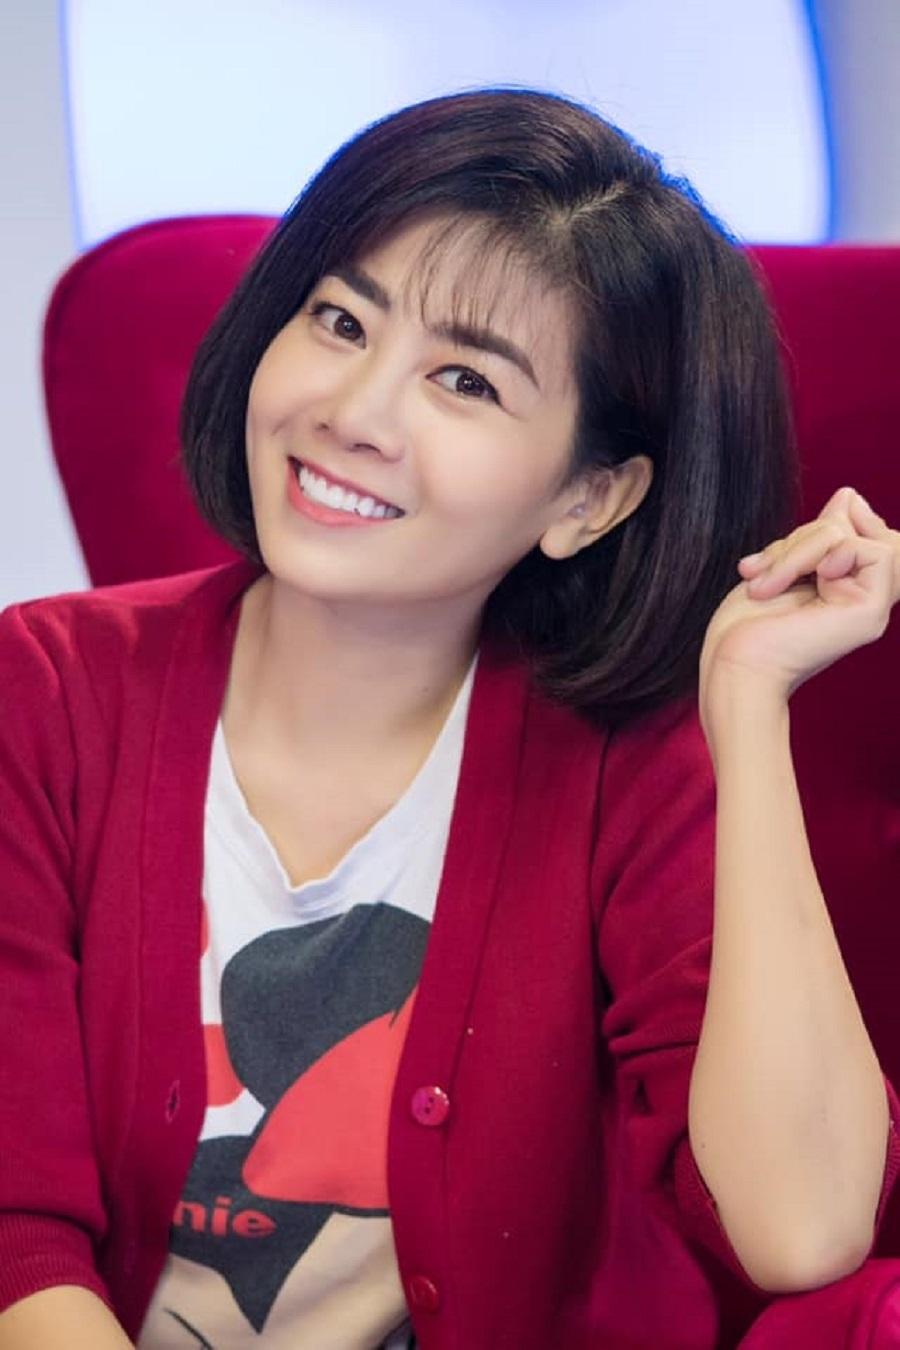 MC Hoàng Linh: 'Tôi nóng tính, xấu tính, ích kỷ, ngang ngược'